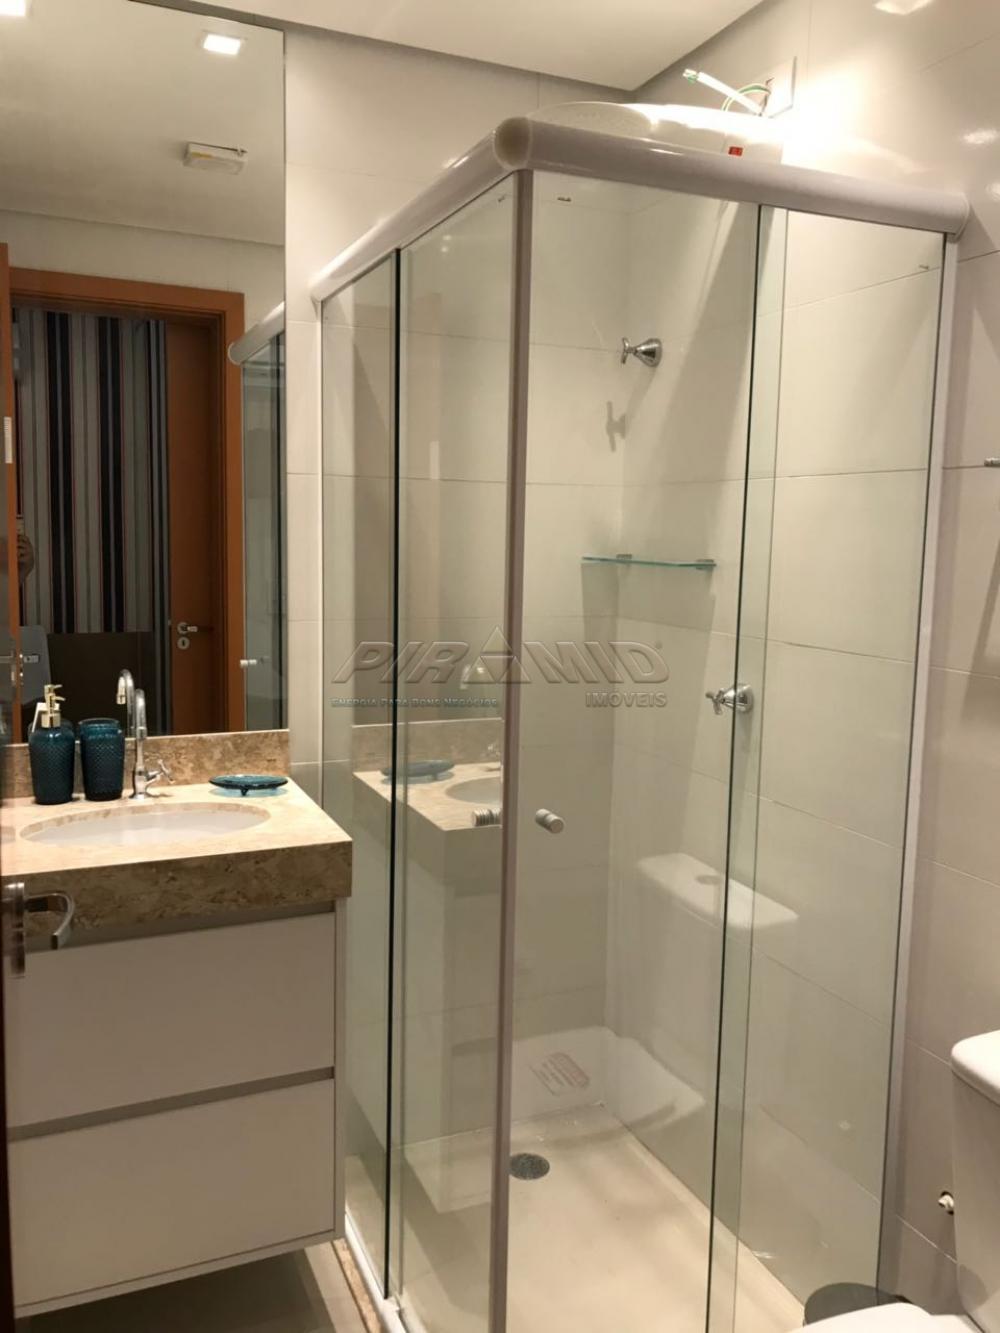 Comprar Apartamento / Padrão em Ribeirão Preto apenas R$ 624.100,00 - Foto 13